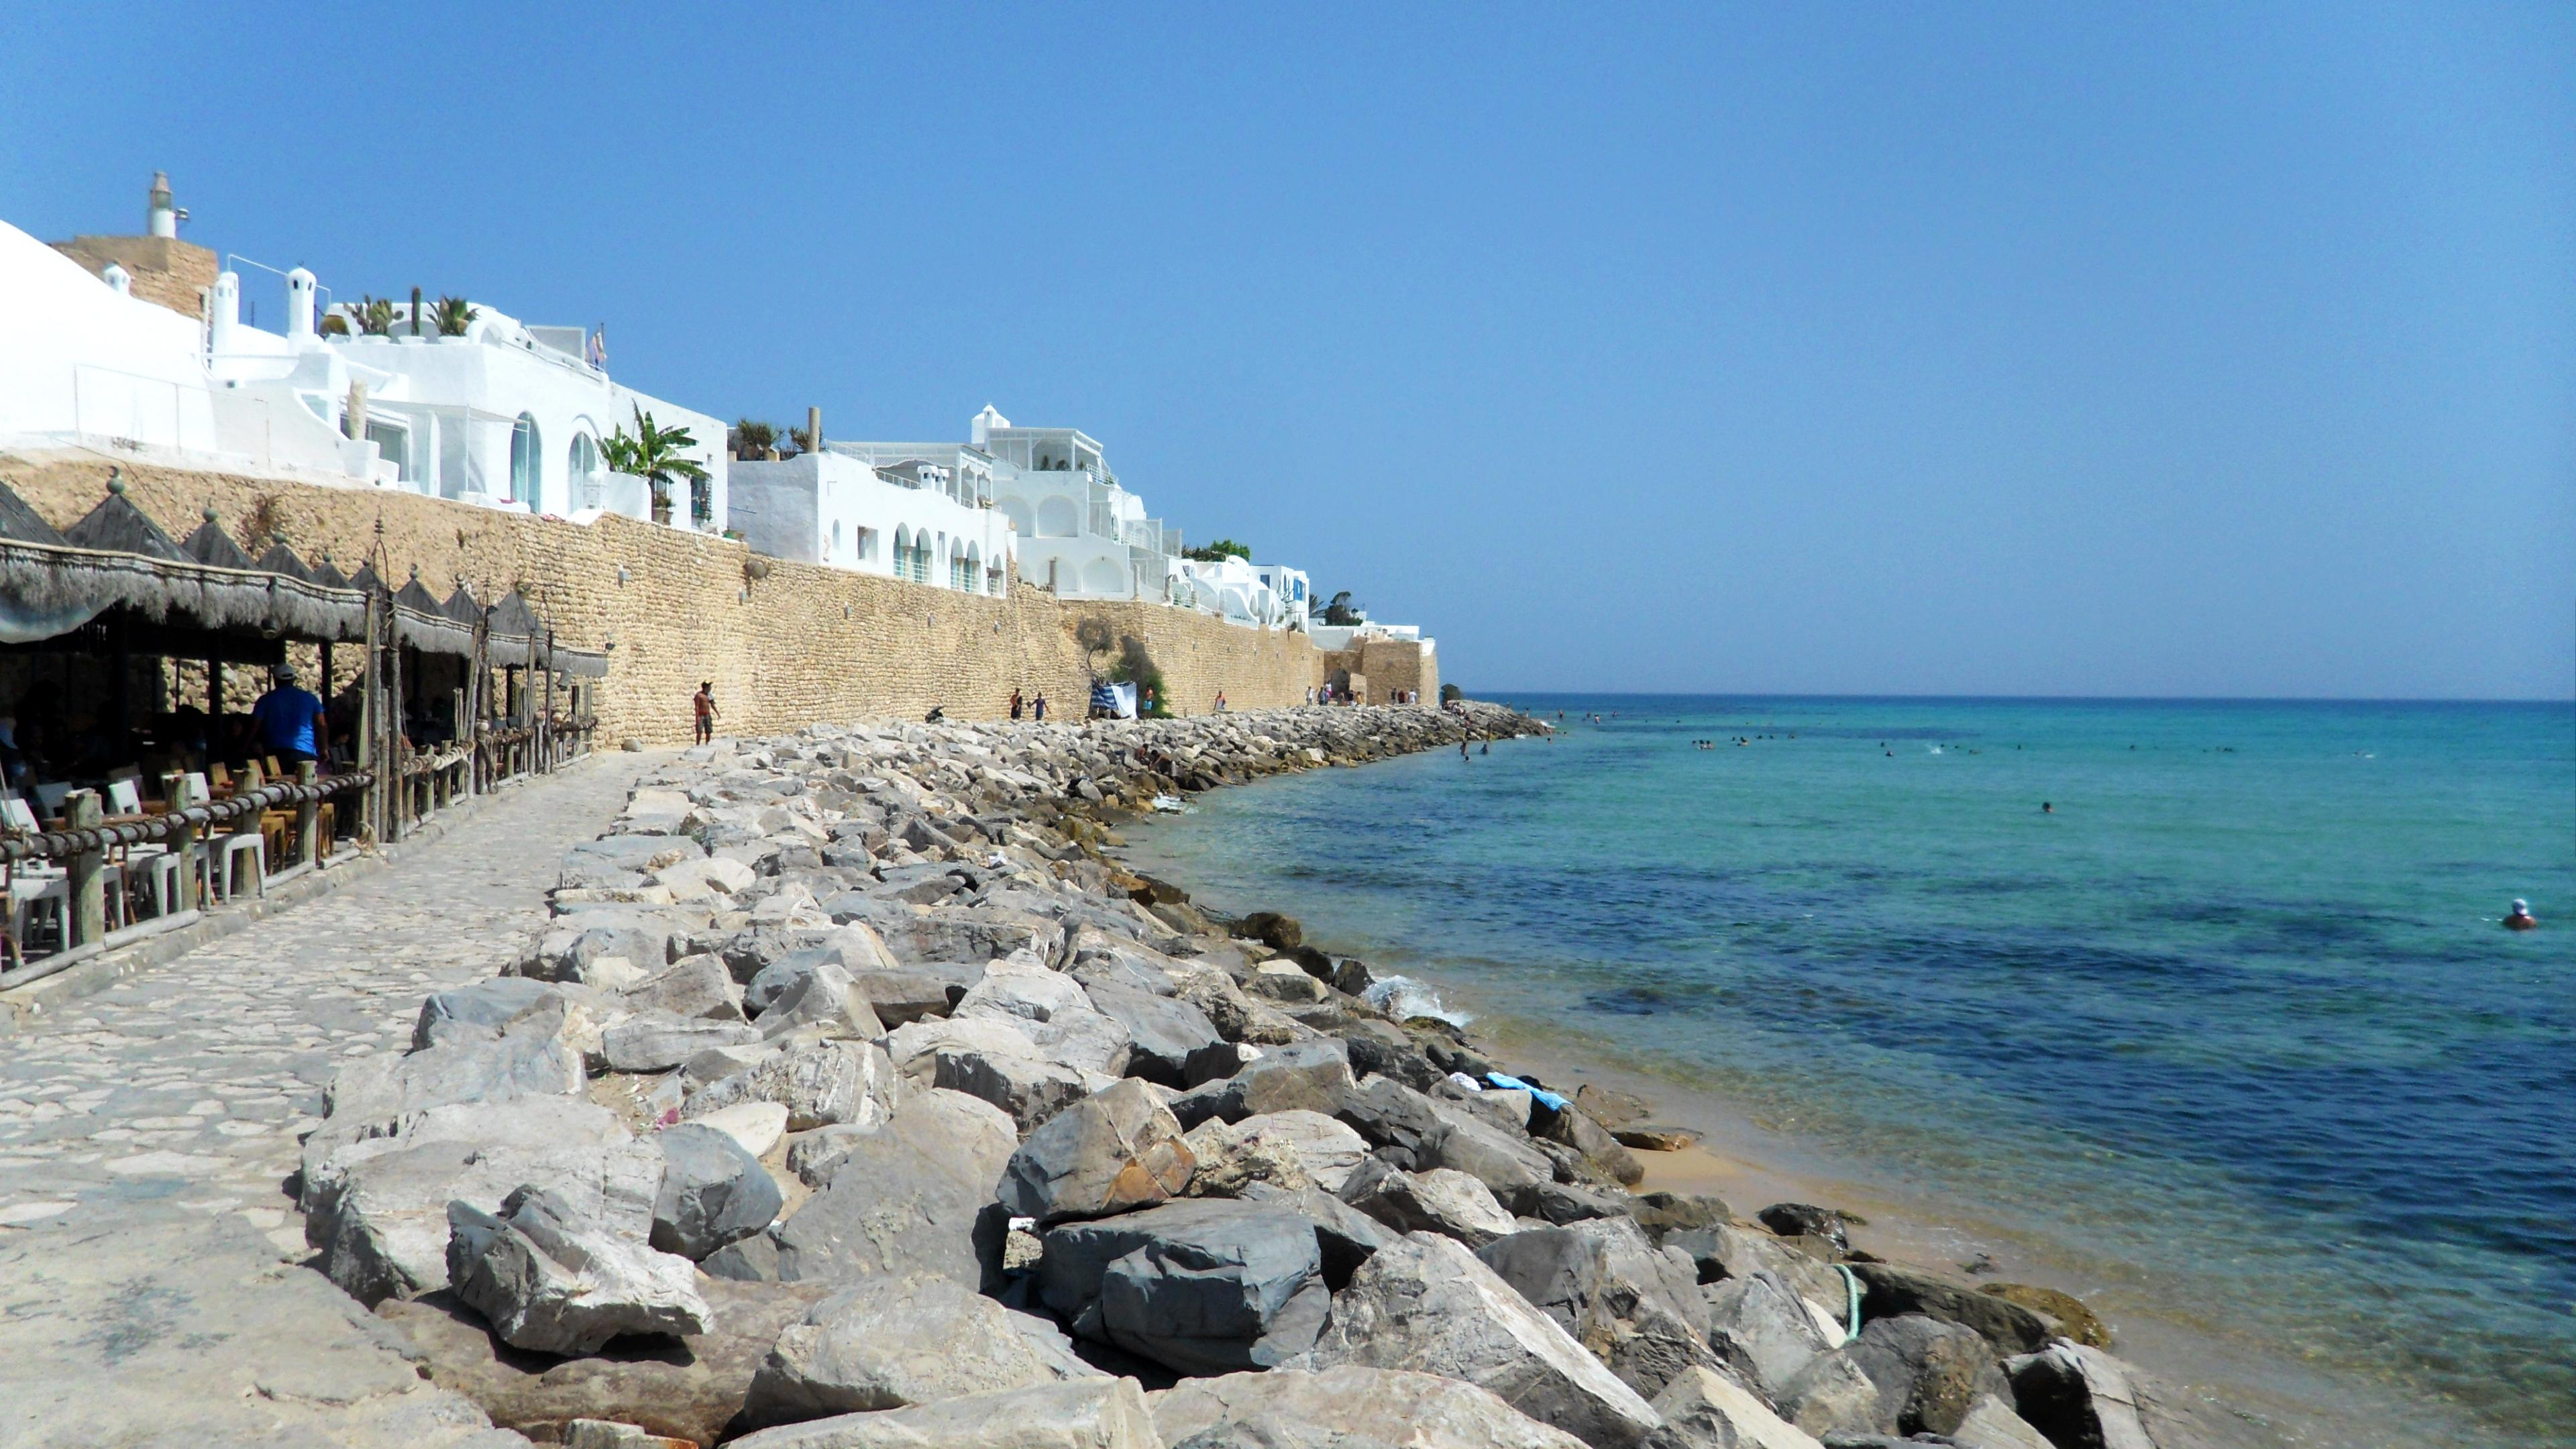 أفضل الأماكن السياحية في مدينة الحمامات التونسية طقس العرب